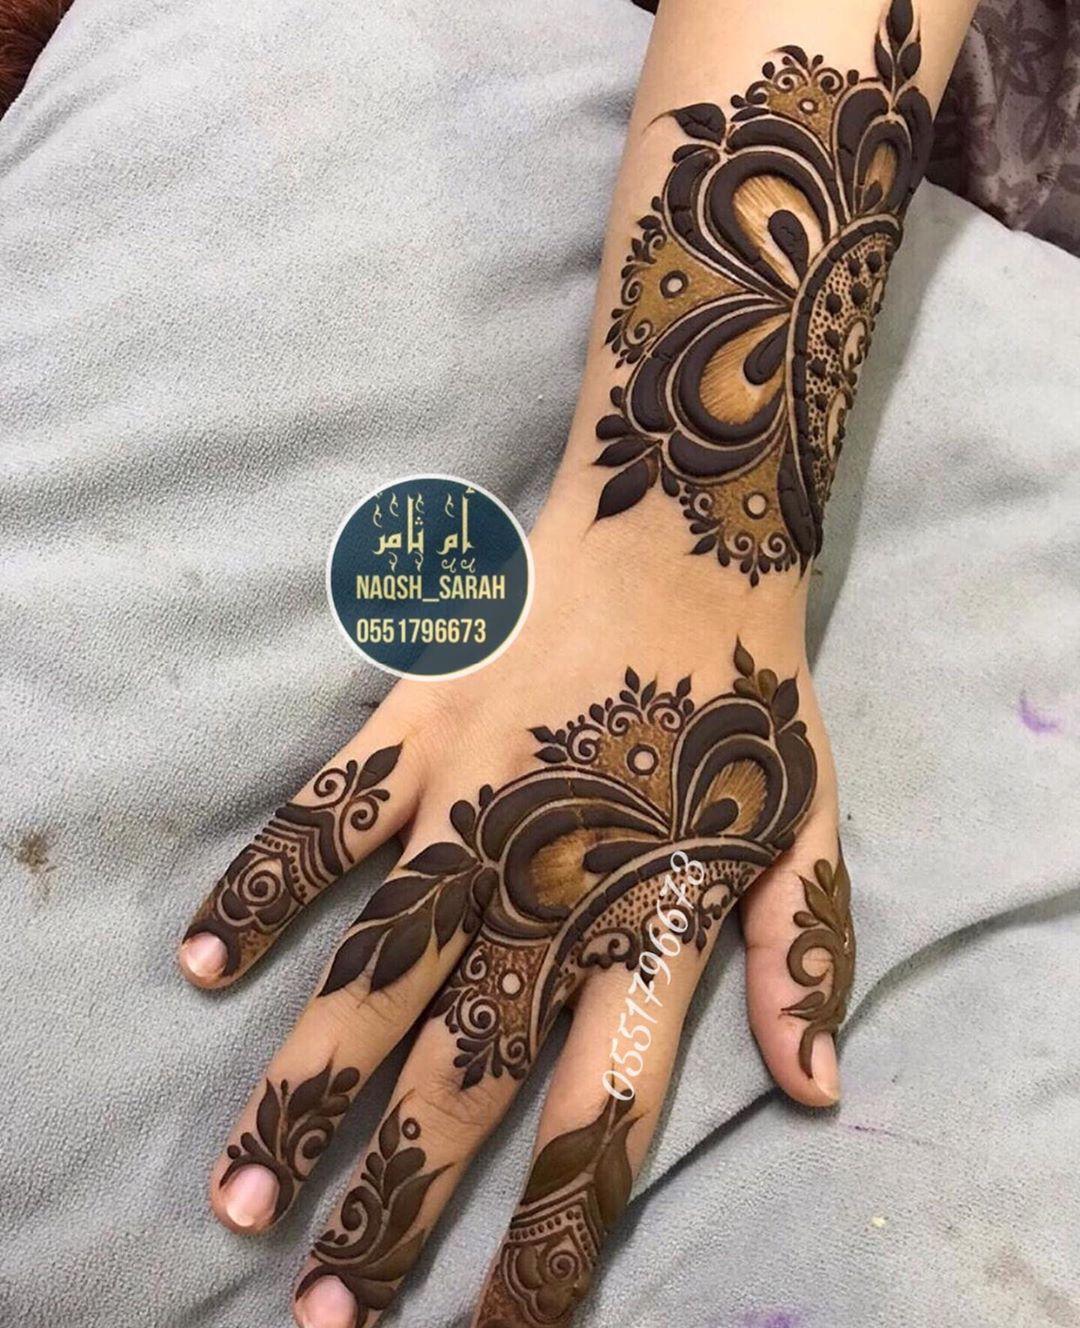 نقاشه الرياض نقش حناء الخرج On Instagram اكتب شي تؤجر عليه ماشالله سبحان الله الح Mehndi Designs For Fingers Mehndi Designs For Hands Mehndi Designs